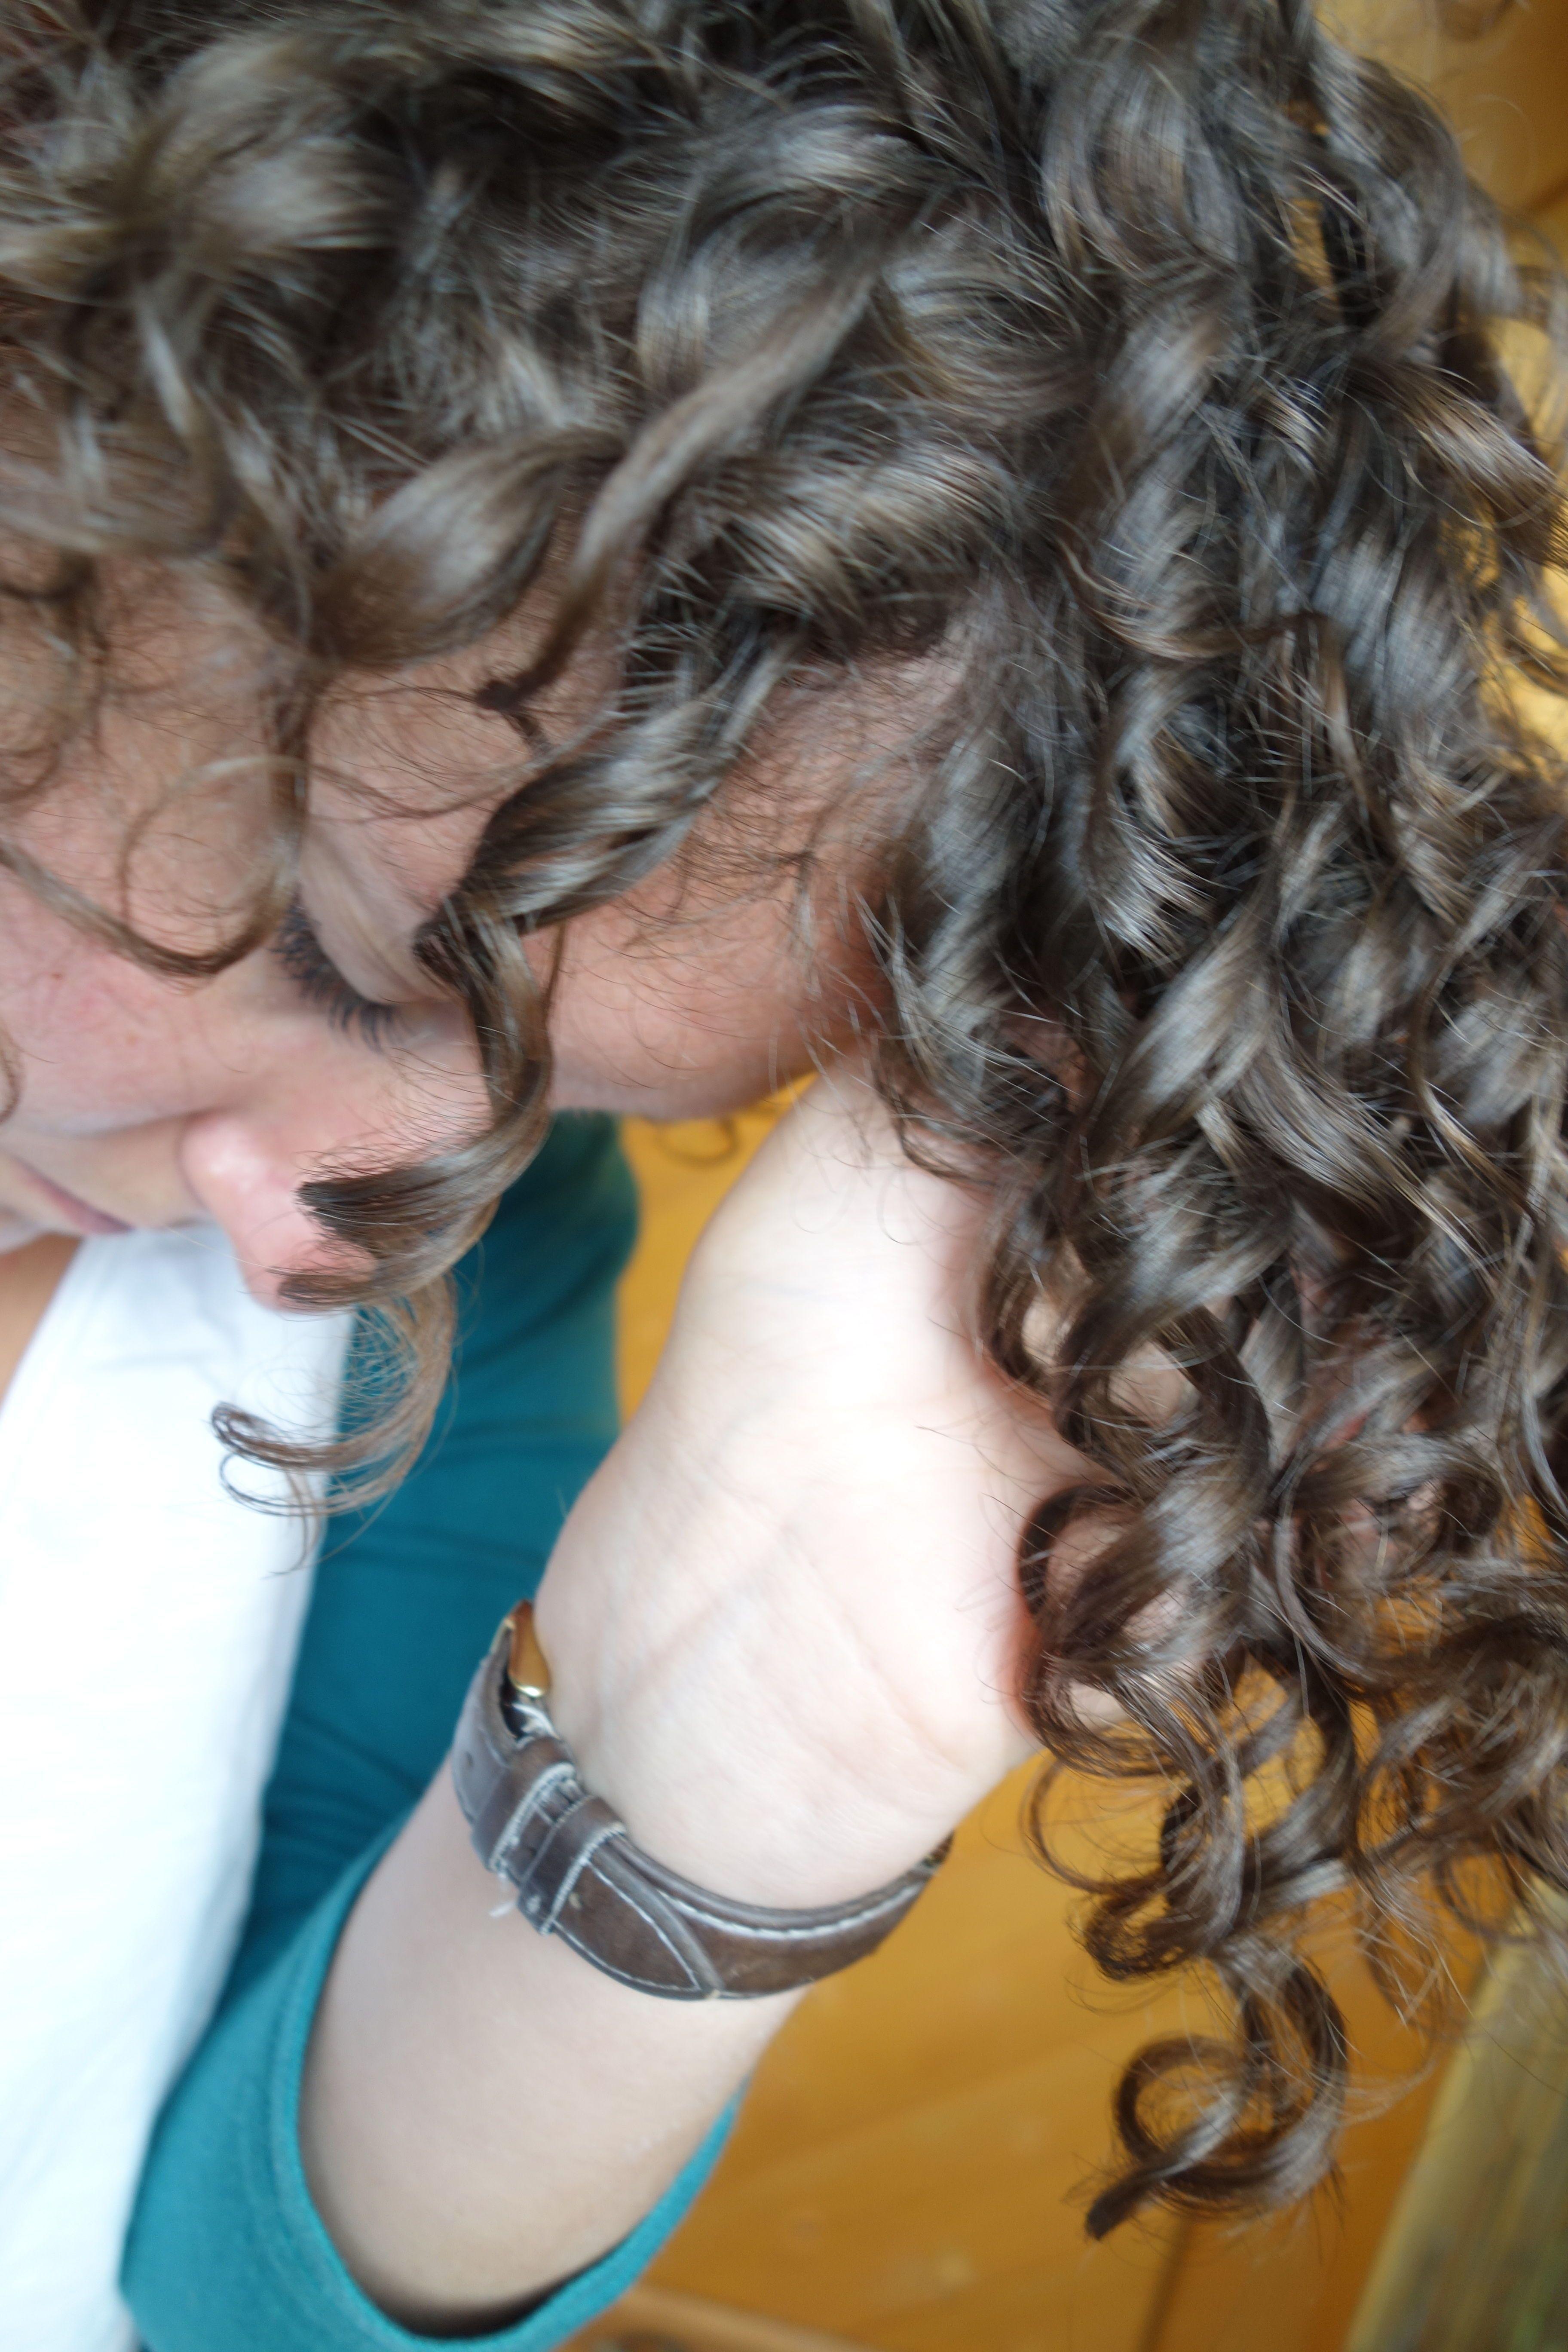 Leinsamengel - nat\u00fcrlich, g\u00fcnstig & einfach herzustellendes Lockengel. Meine absolute Geheimwaffe gegen Frizz ist Leinsamengel! In nur 10 Minuten hast du dein komplett nat\u00fcrliches Haargel selber hergestellt, #naturalhairstyles